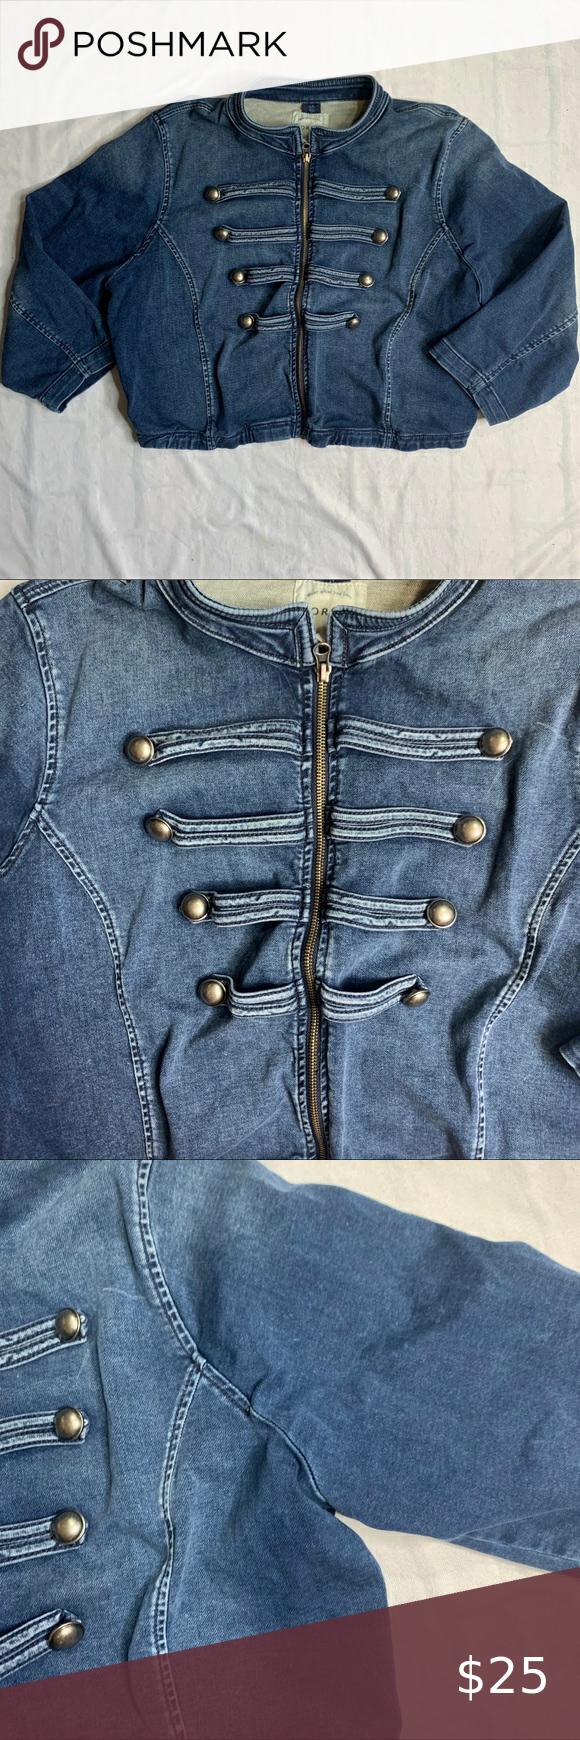 Torrid Embellished Zip Front Demin Jacket Torrid Jean Jacket Size 2 Excellent Condition And Soft Material Demin Jacket Light Pink Jeans Sherpa Denim Jacket [ 1740 x 580 Pixel ]